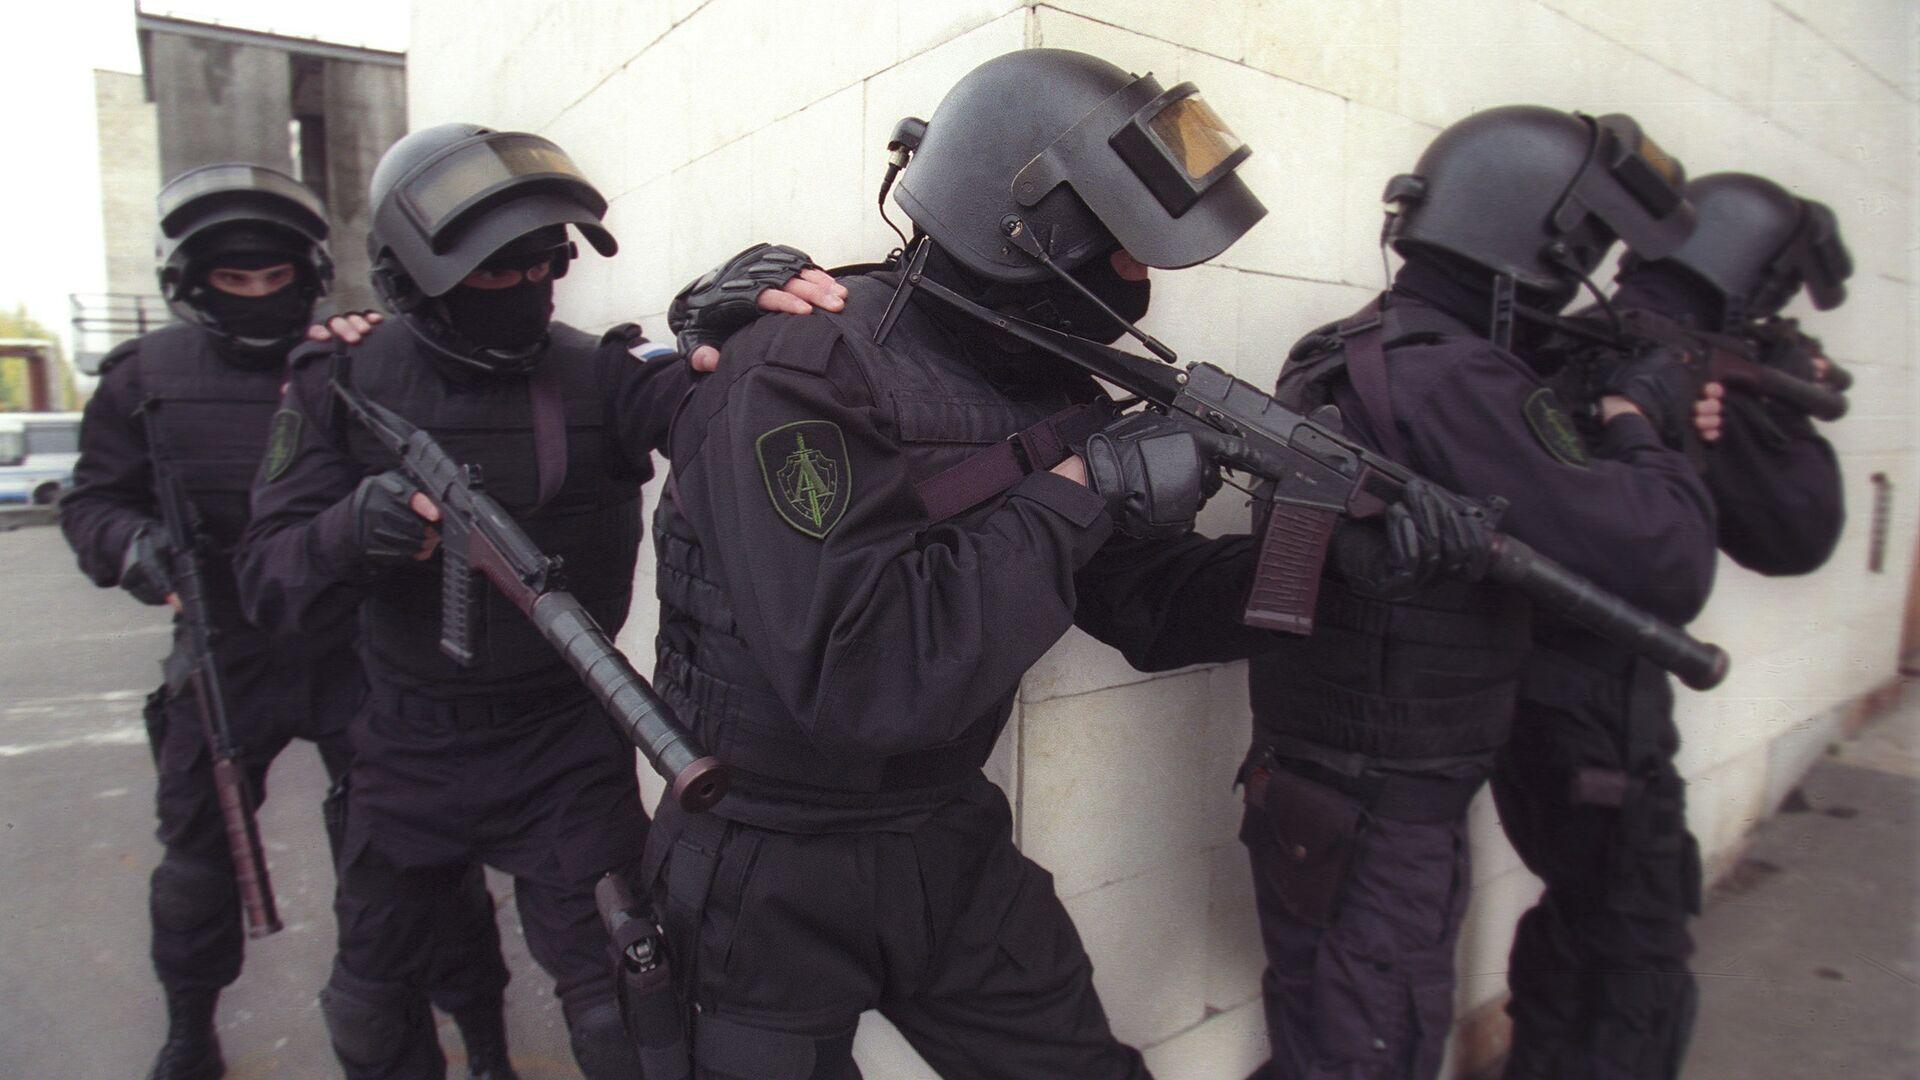 Lucha contra terrorismo del Servicio Federal de Seguridad de Rusia - Sputnik Mundo, 1920, 10.03.2021